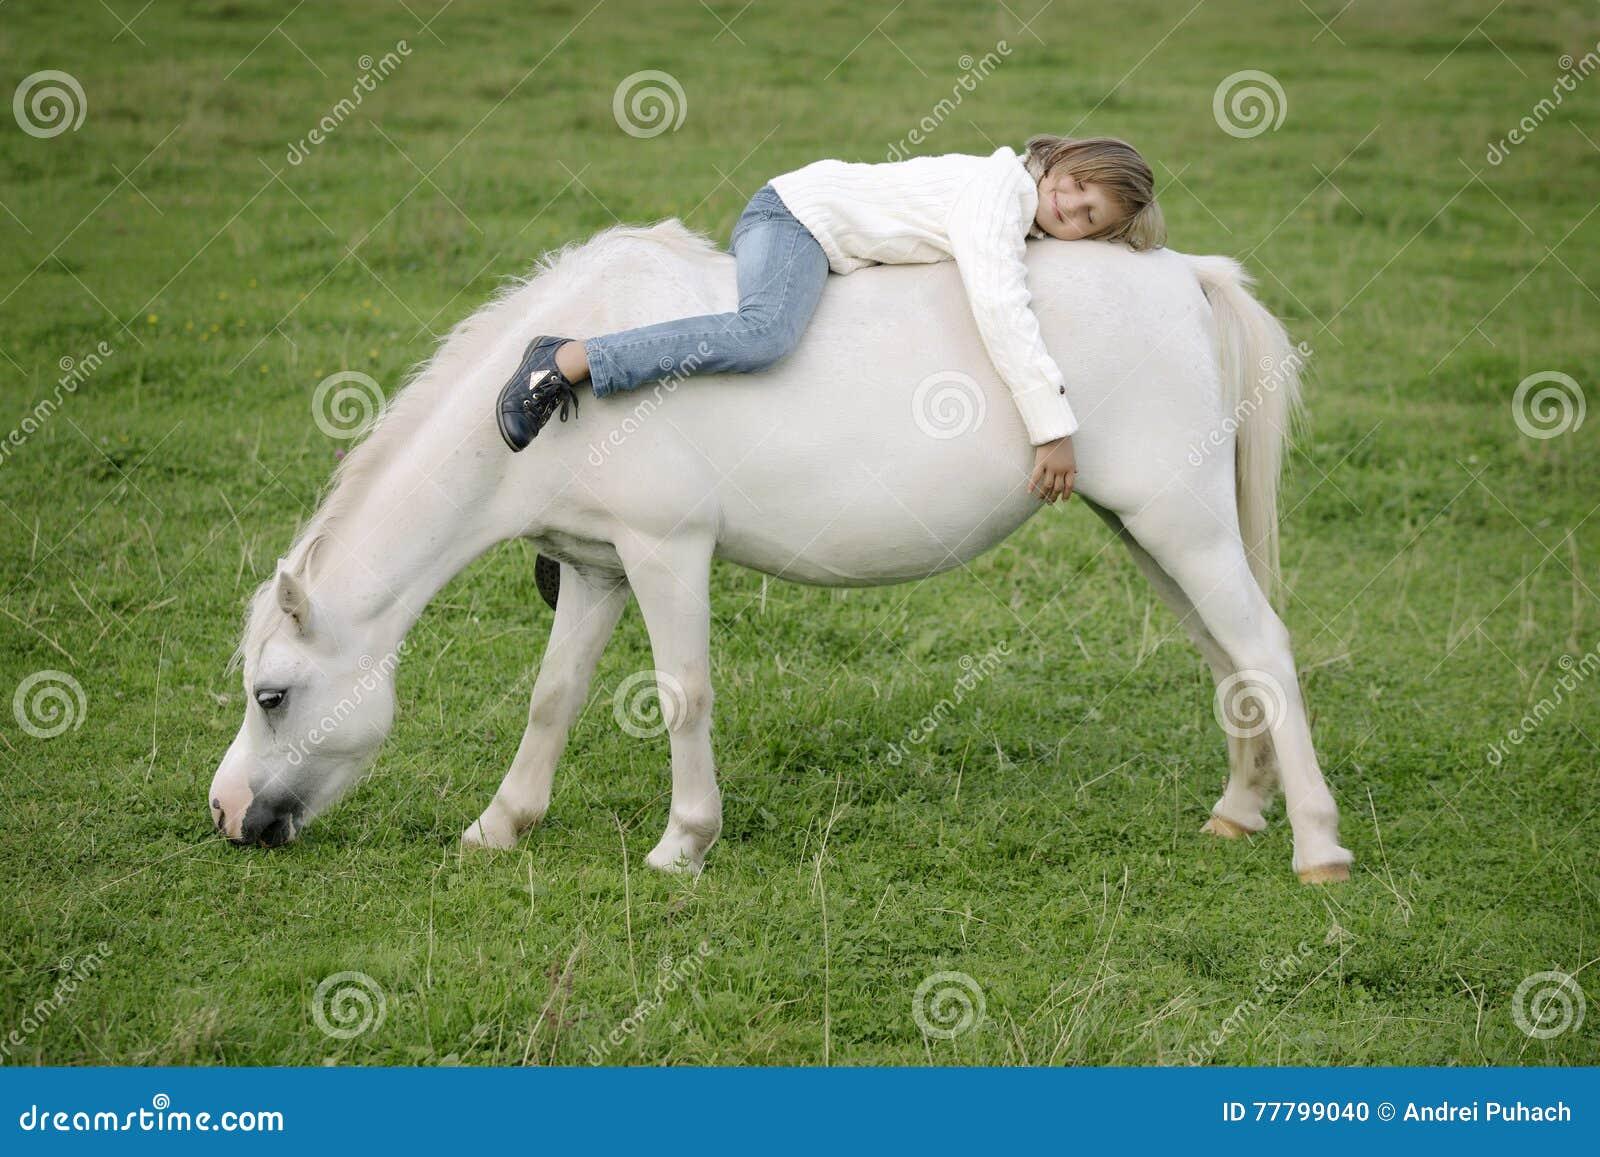 Маленькая маленькая девочка в белом свитере и джинсах лежа ОН назад на задней части белой лошади Портрет образа жизни